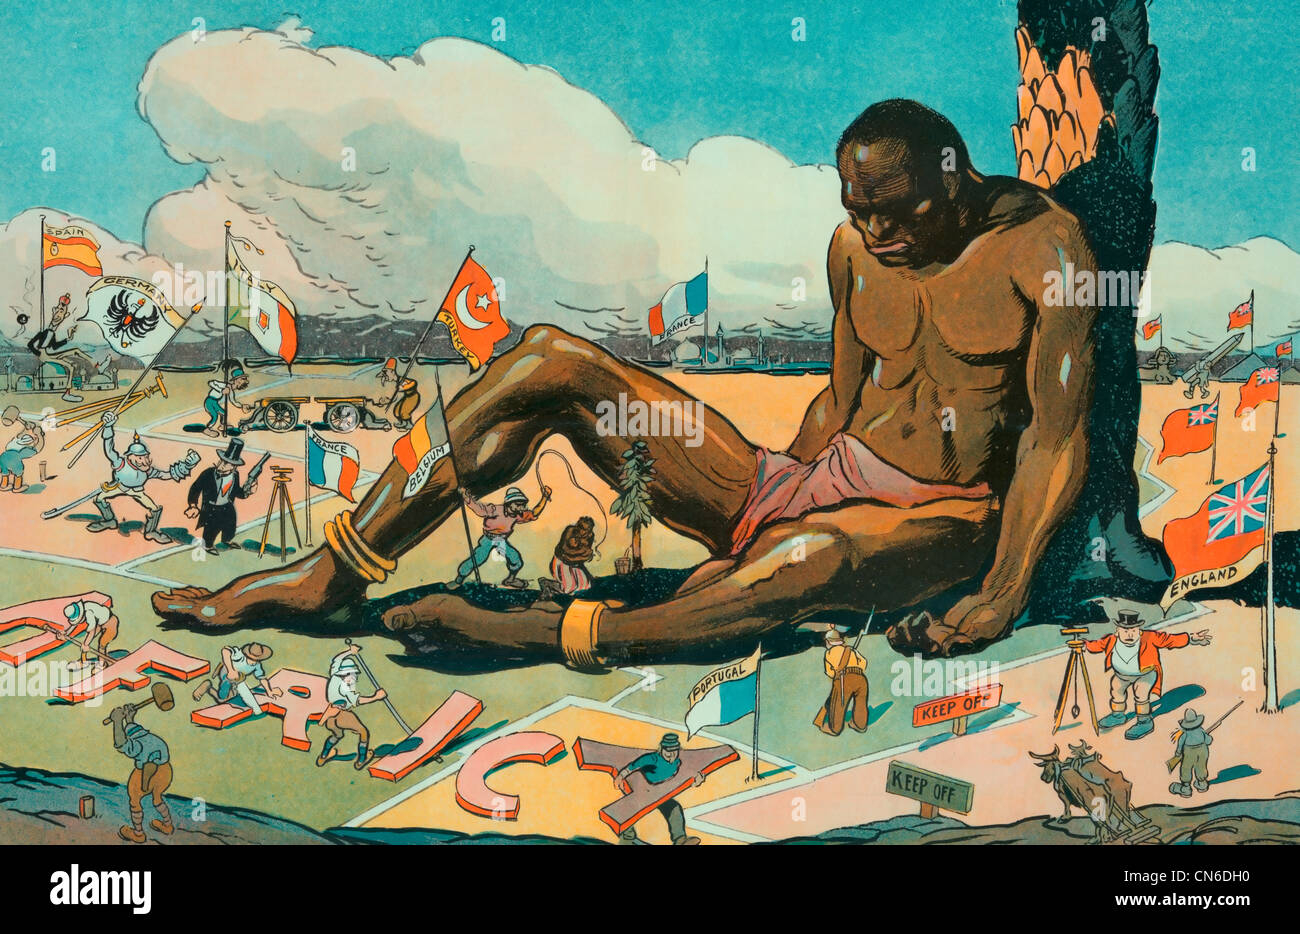 La enfermedad del sueño africana grande ilustración muestra un hombre sentado, dormido, mientras que países Imagen De Stock